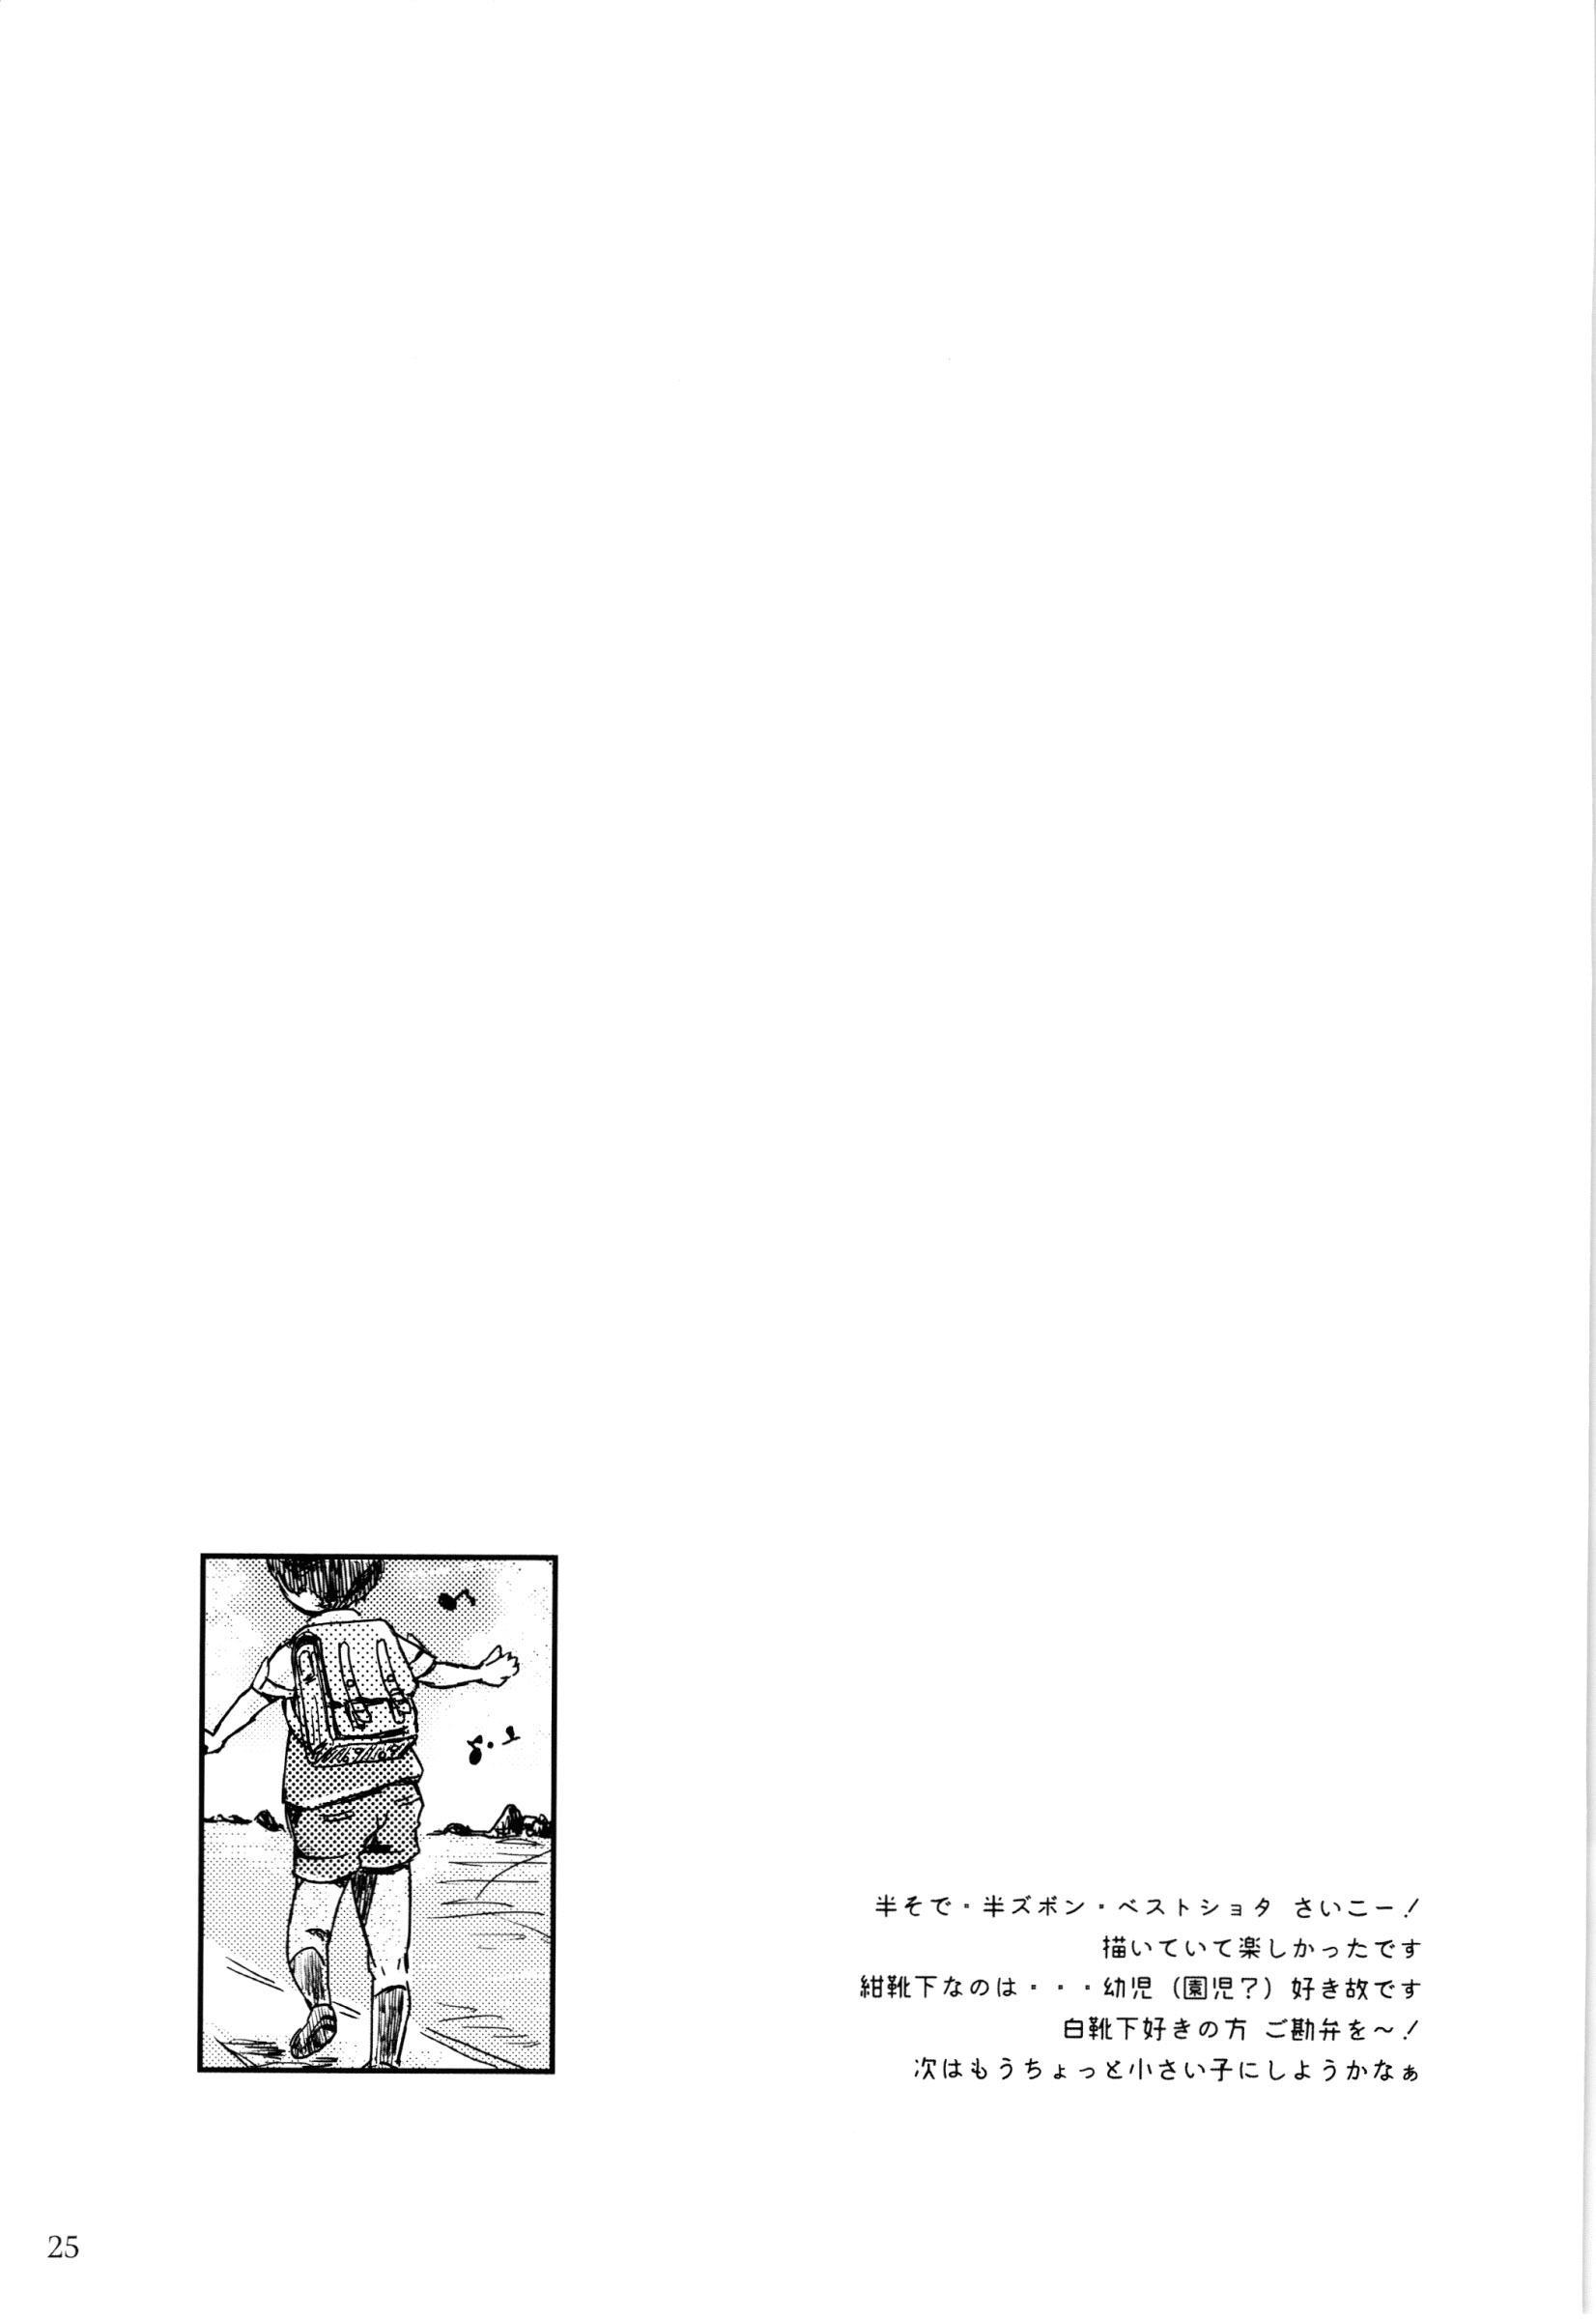 Umibe no Machi Shouni Byoutou Tokubetsushitsu 2-gou 23